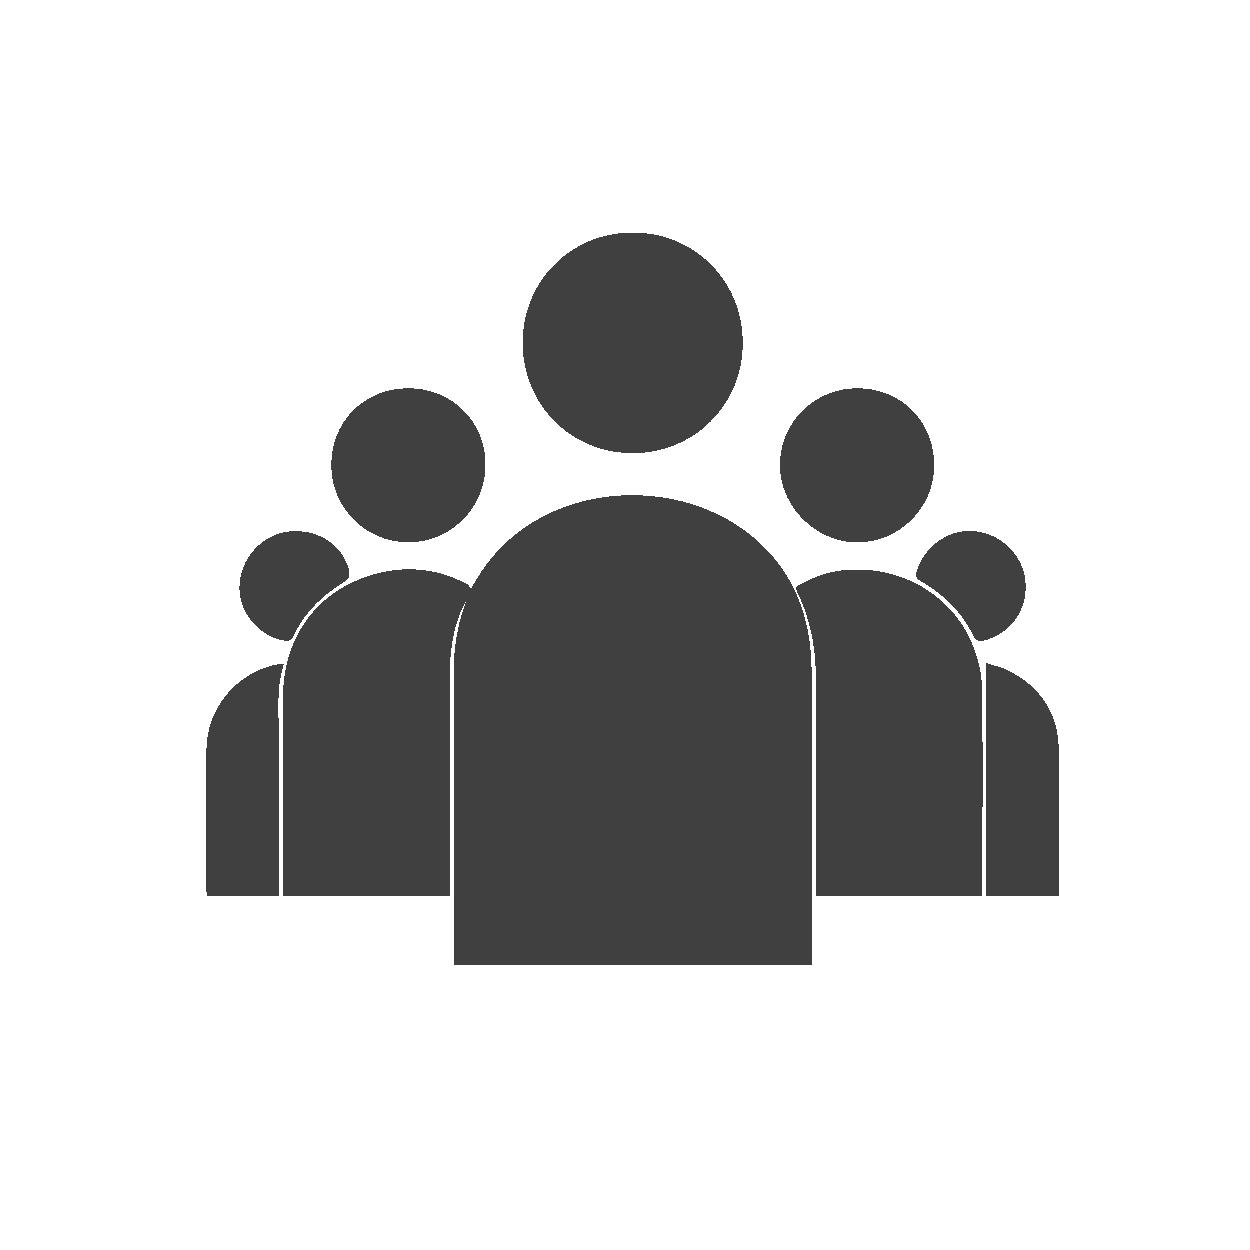 Icone représentant un groupe d'individu